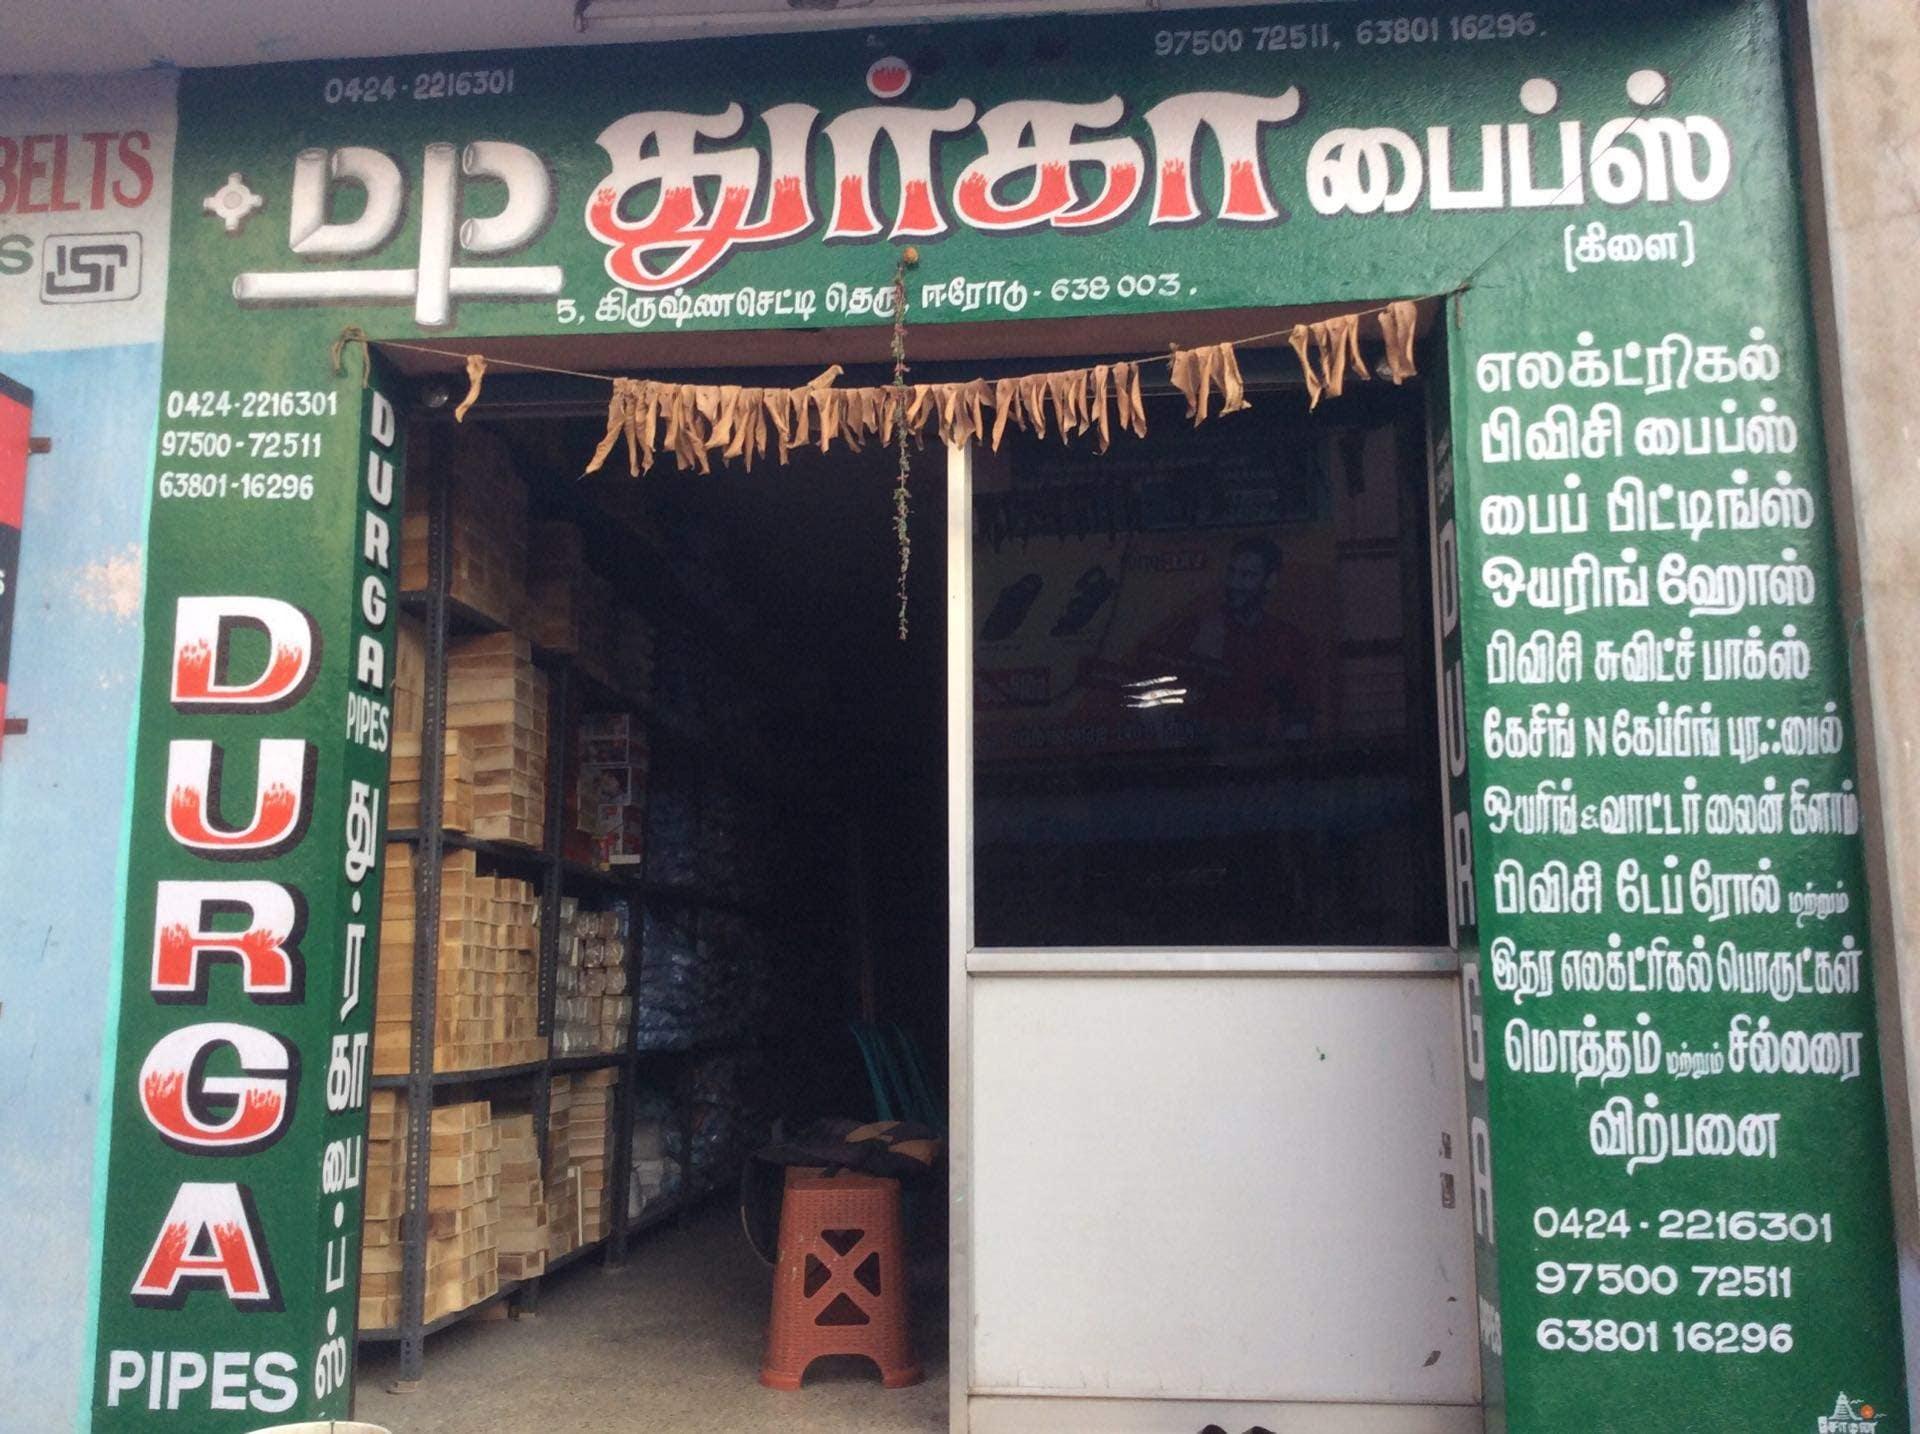 Top Pvc Pipe Clamp Distributors in Karungalpalayam, Erode - Justdial